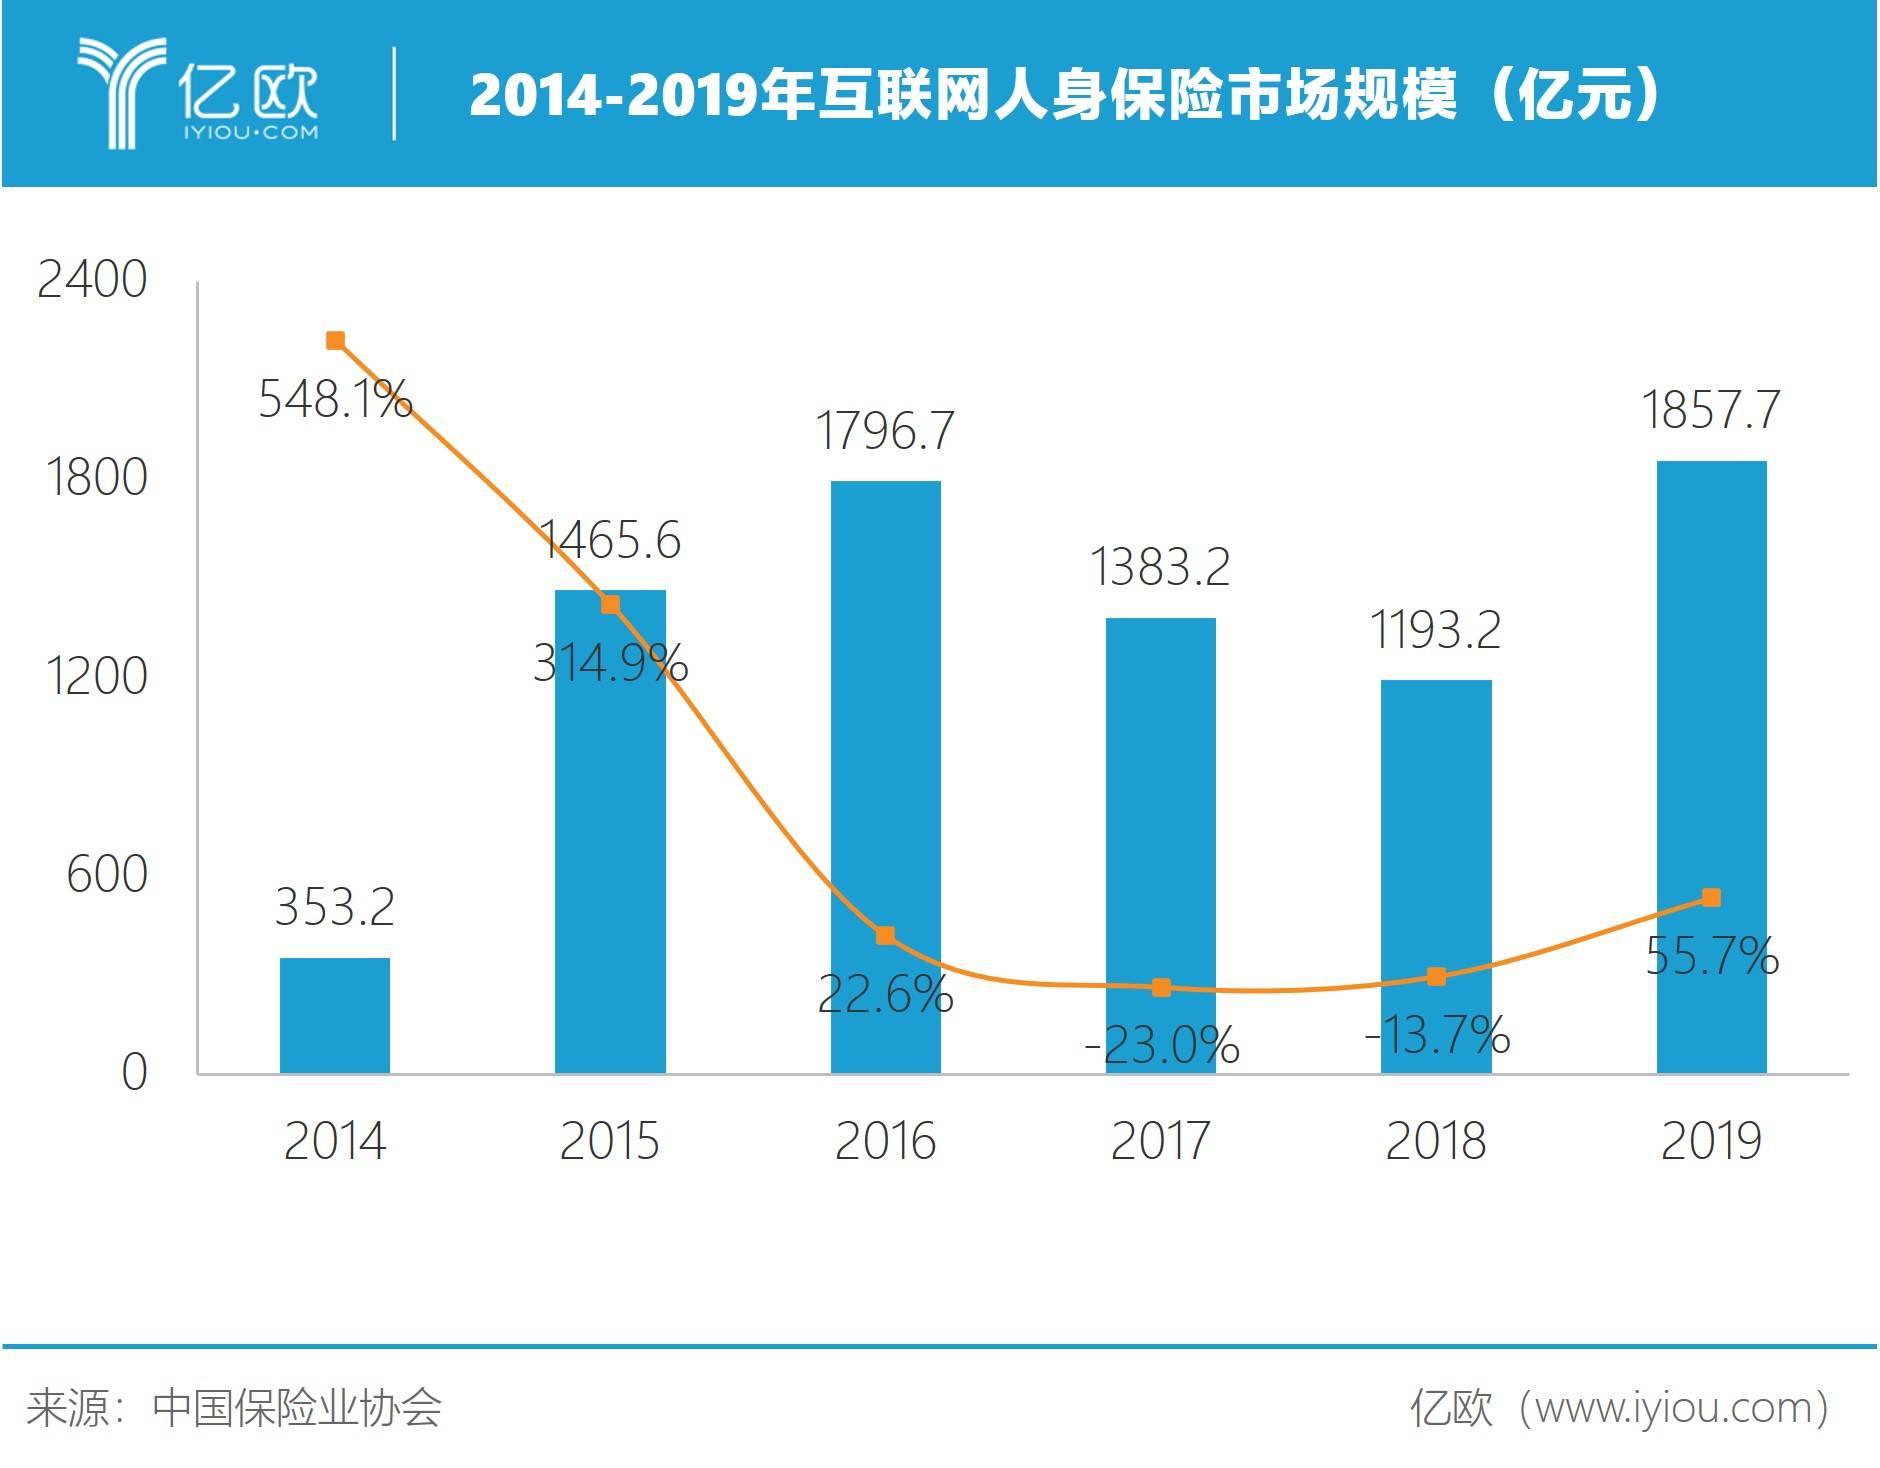 2014-2019年互联网人身保险市场规模(亿元)